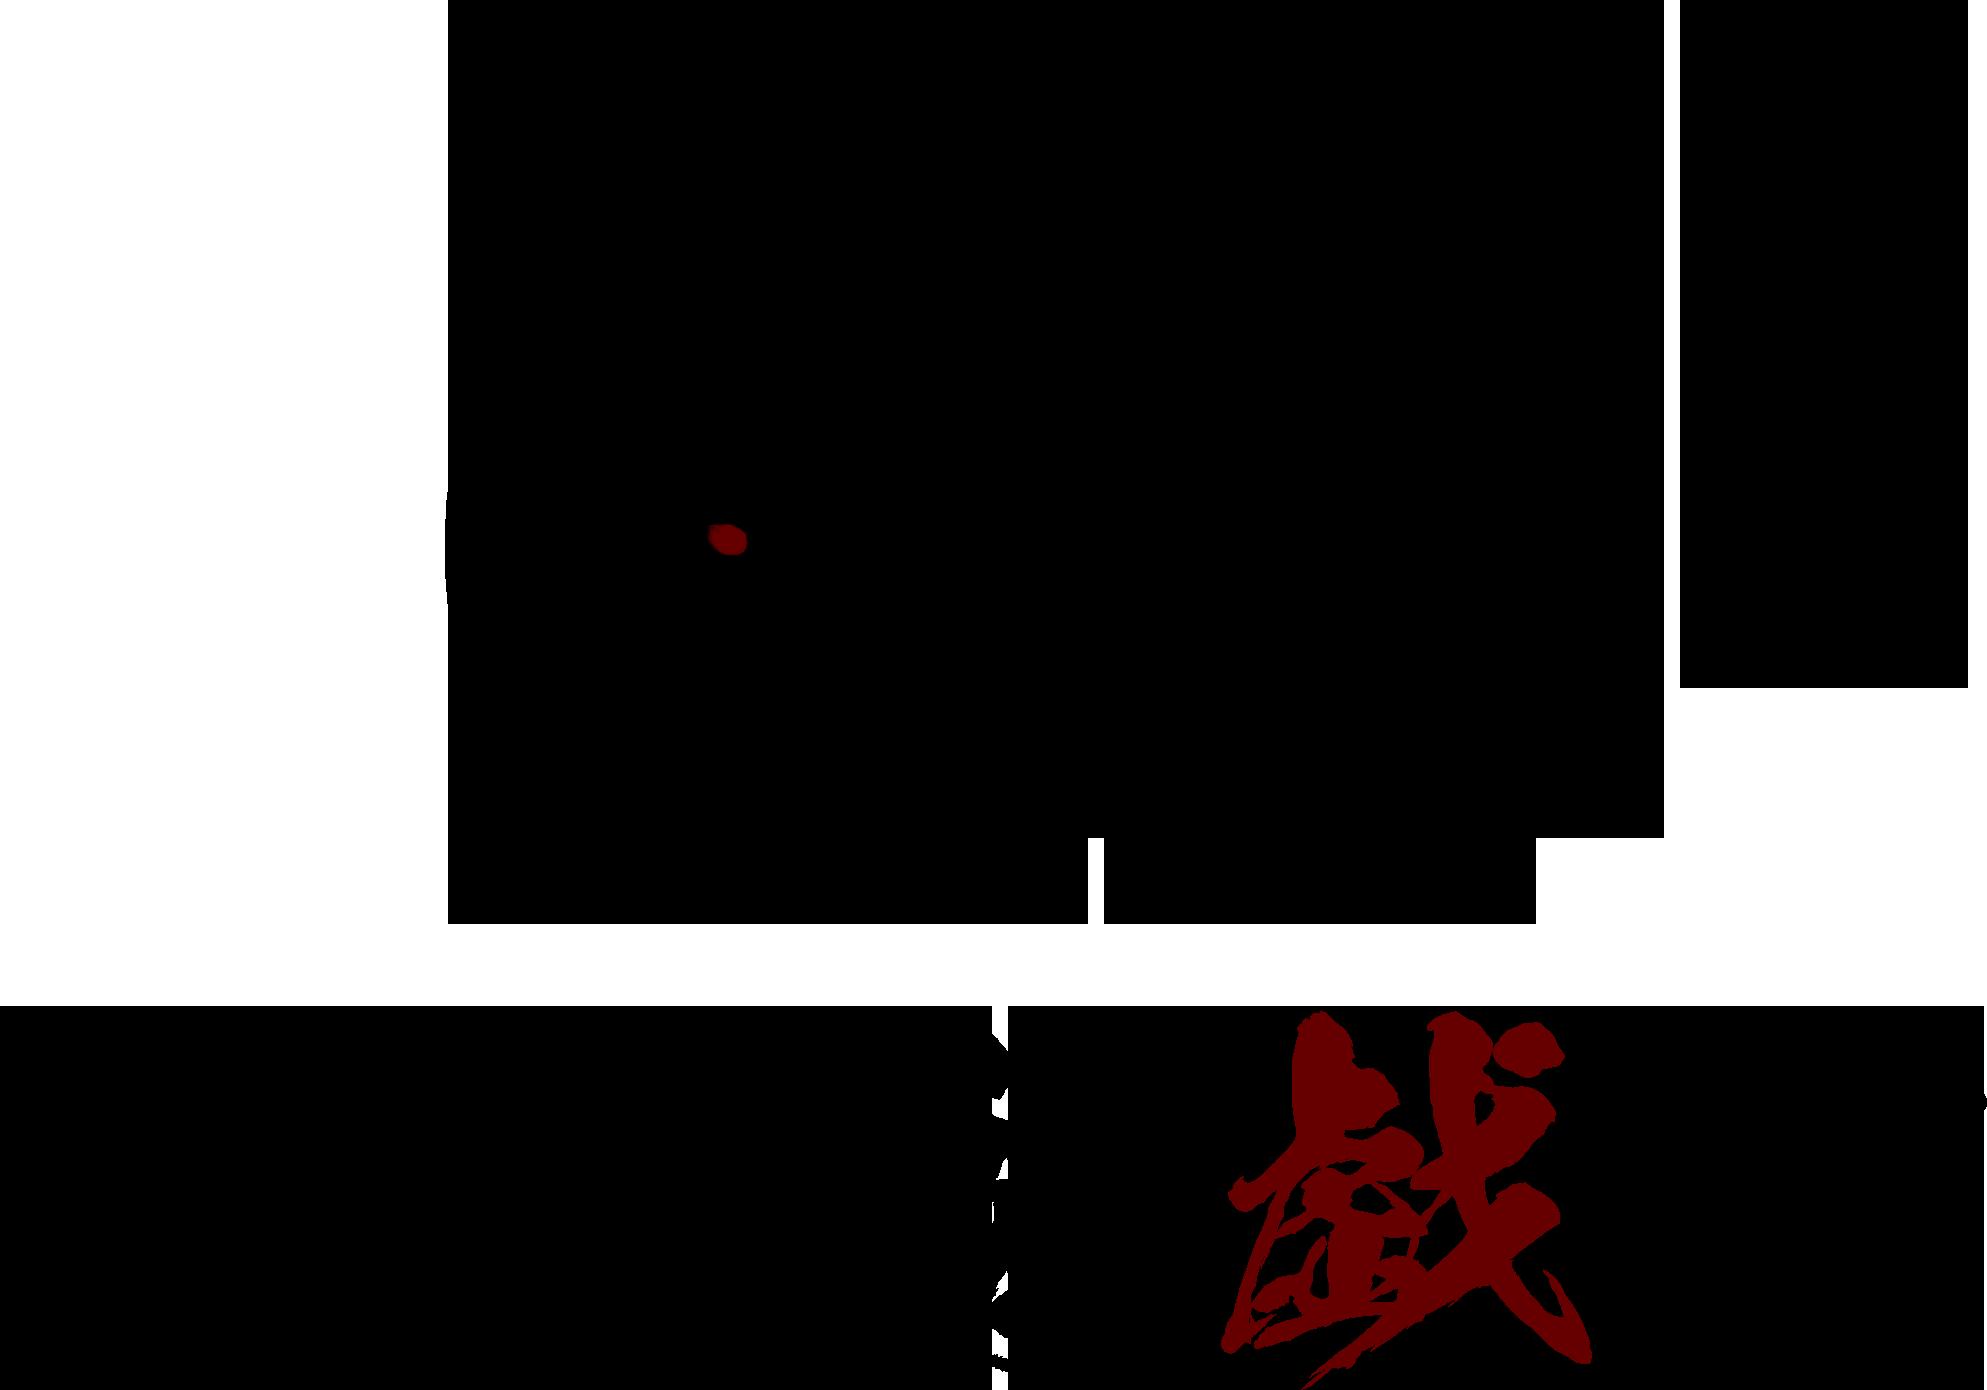 幻想遊戯団画像